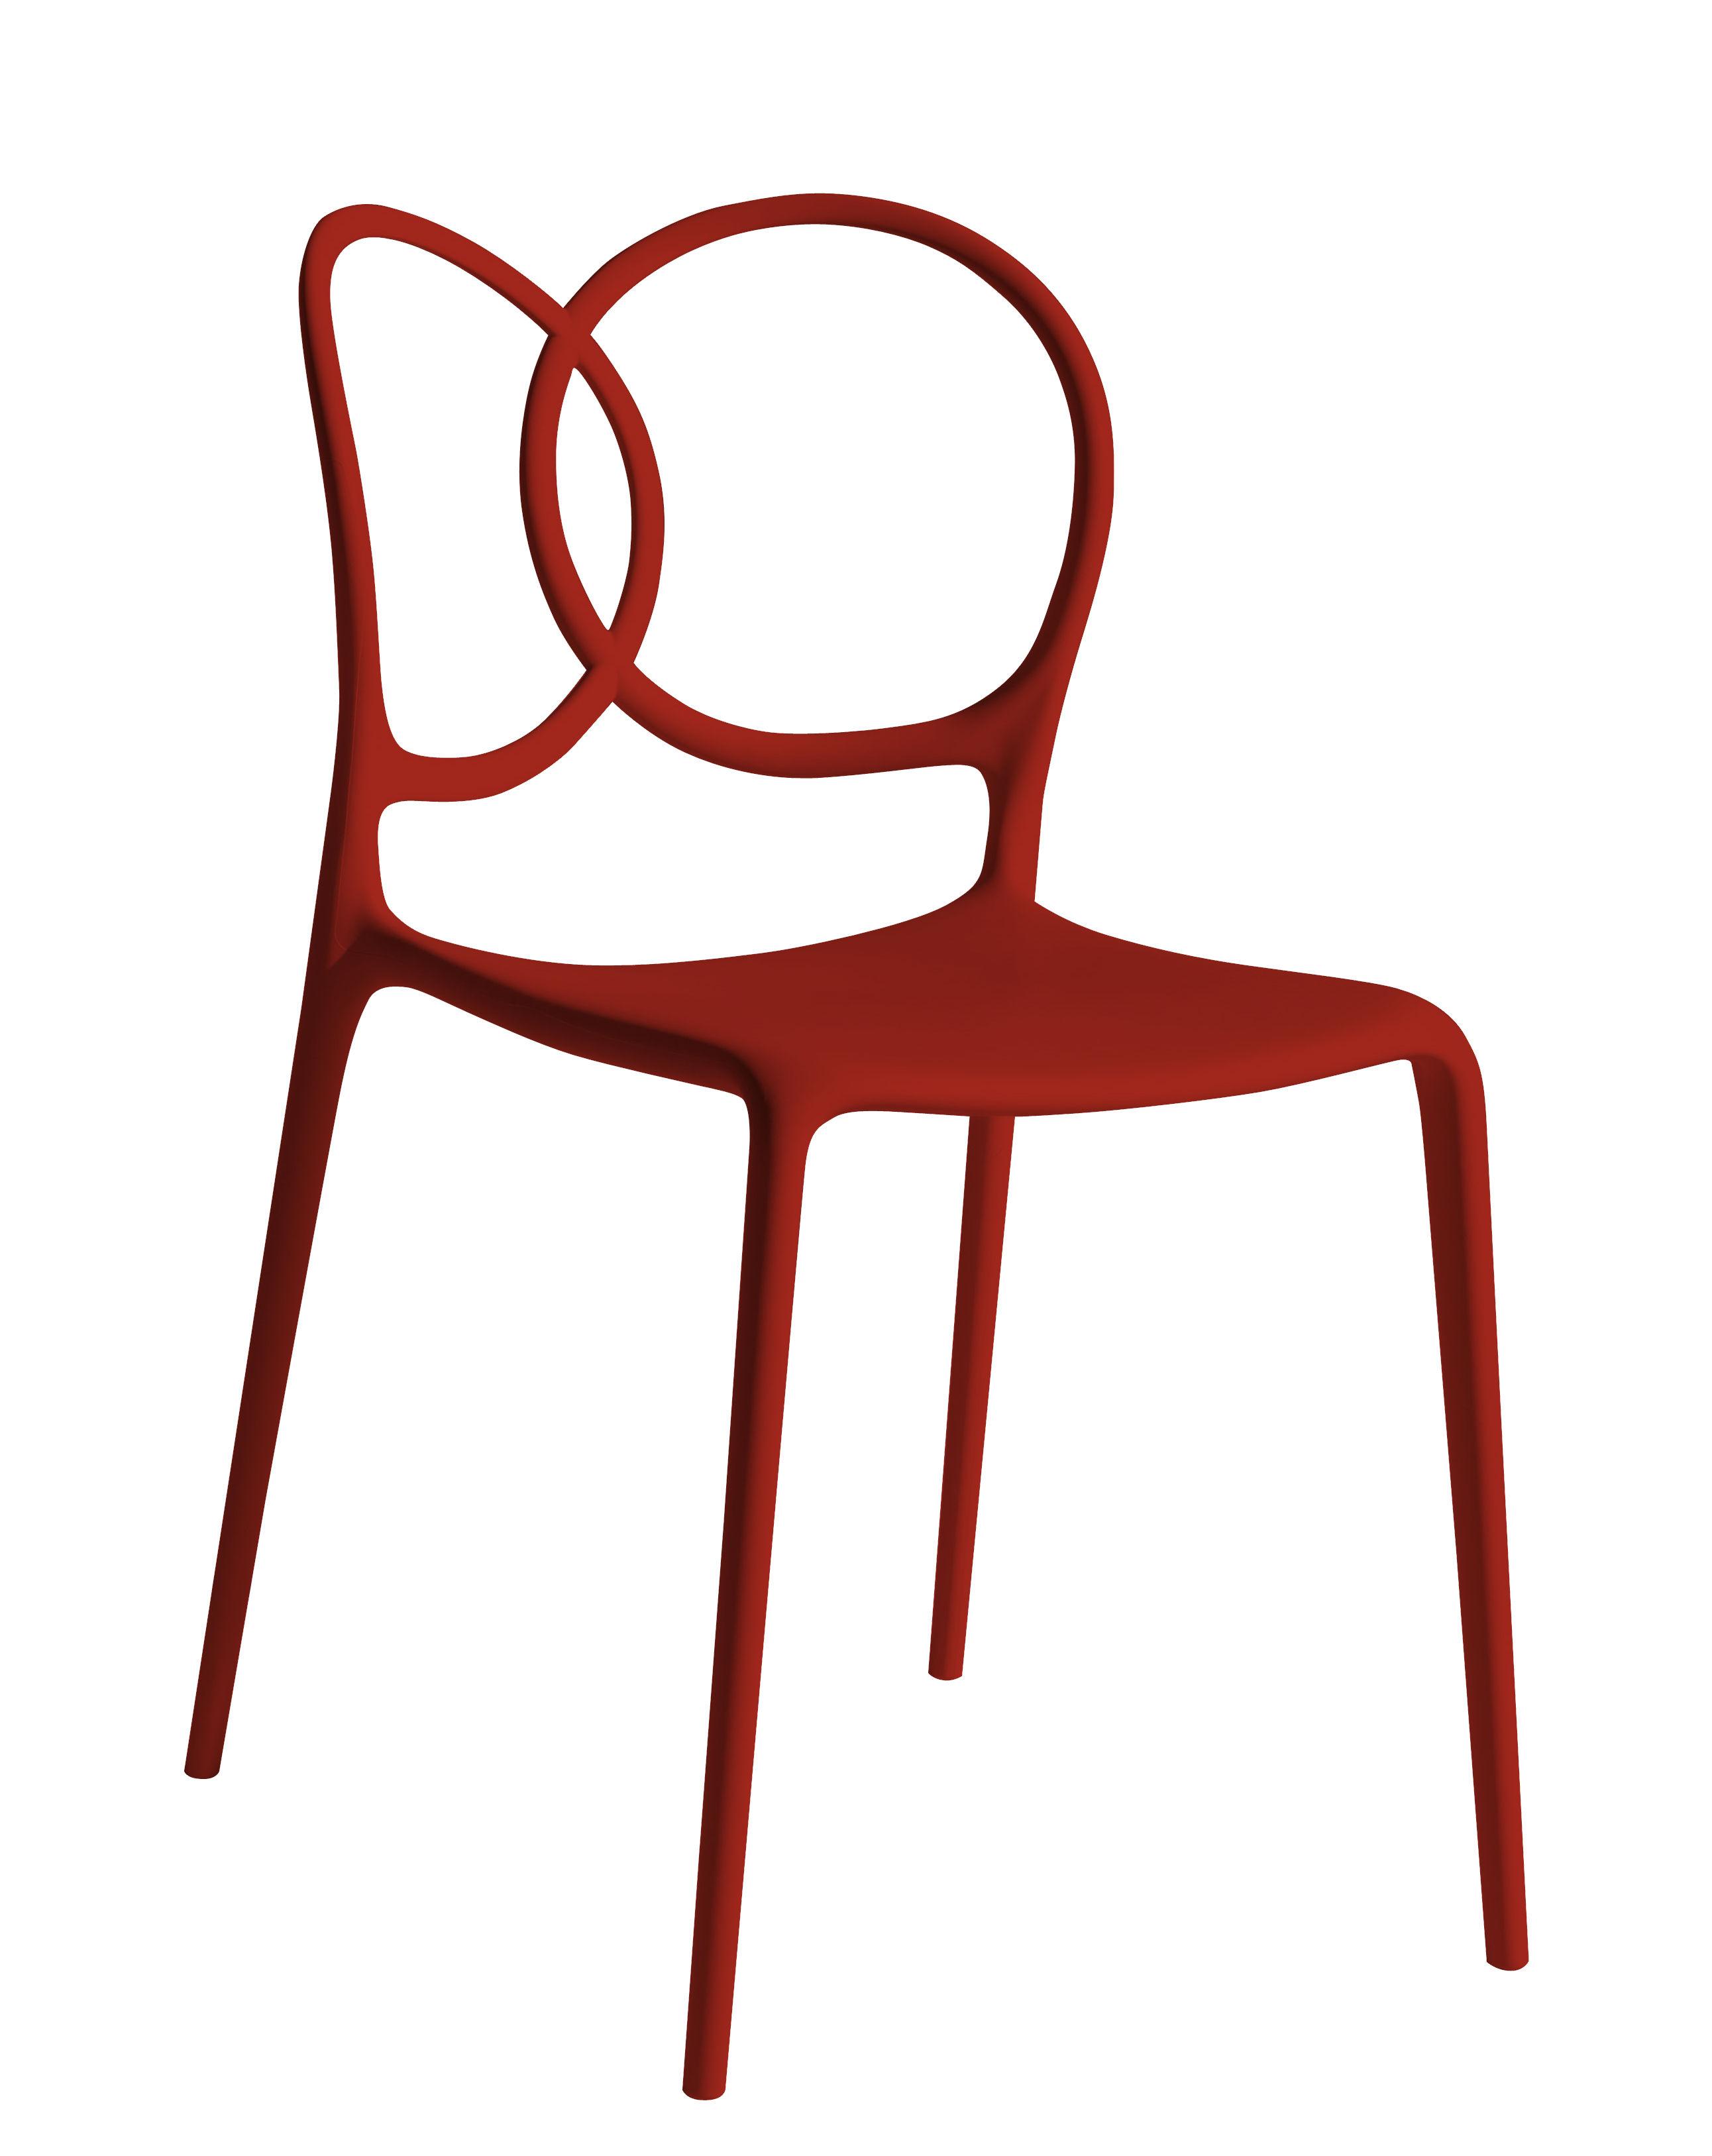 Mobilier - Chaises, fauteuils de salle à manger - Chaise empilable Sissi Outdoor - Driade - Rouge - Fibre de verre, Polyéthylène, Polypropylène